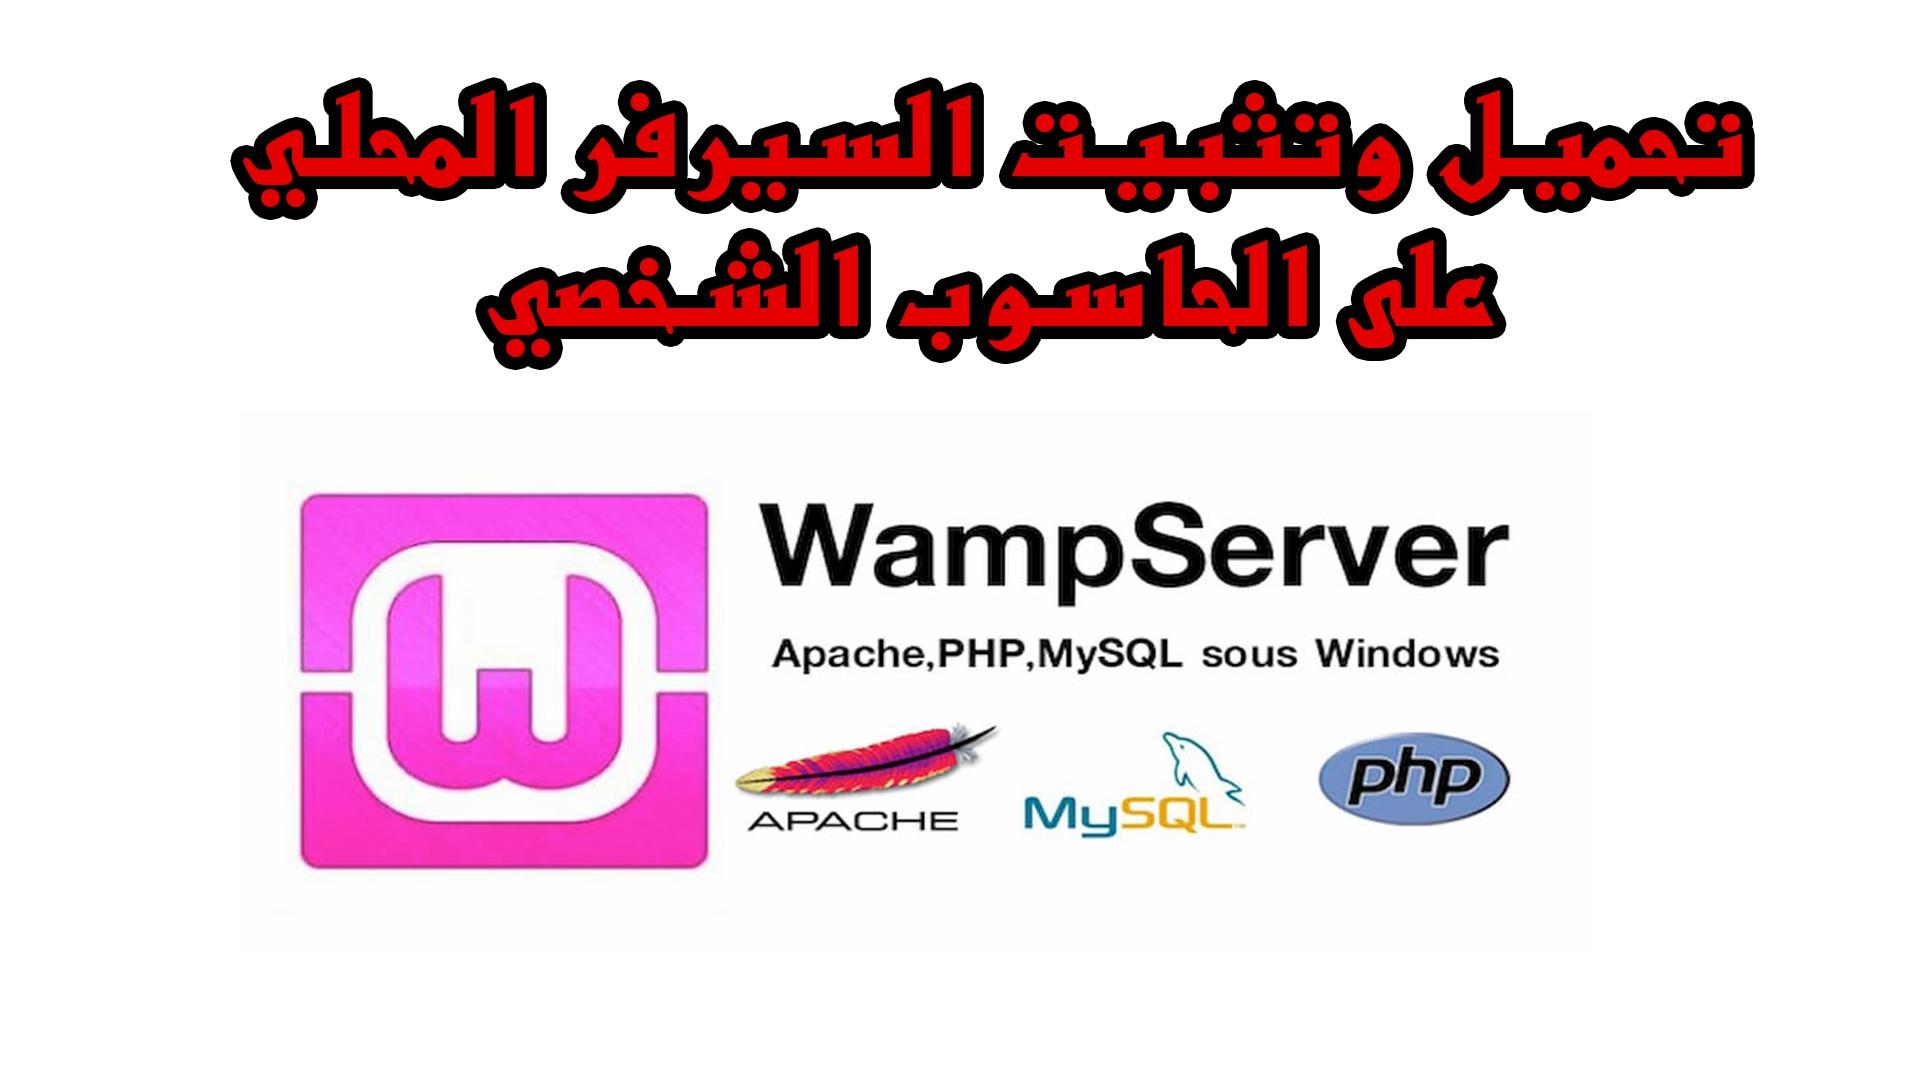 تحميل وتثبيت السيرفر المحلي WAMP علي الحاسوب الشخصي